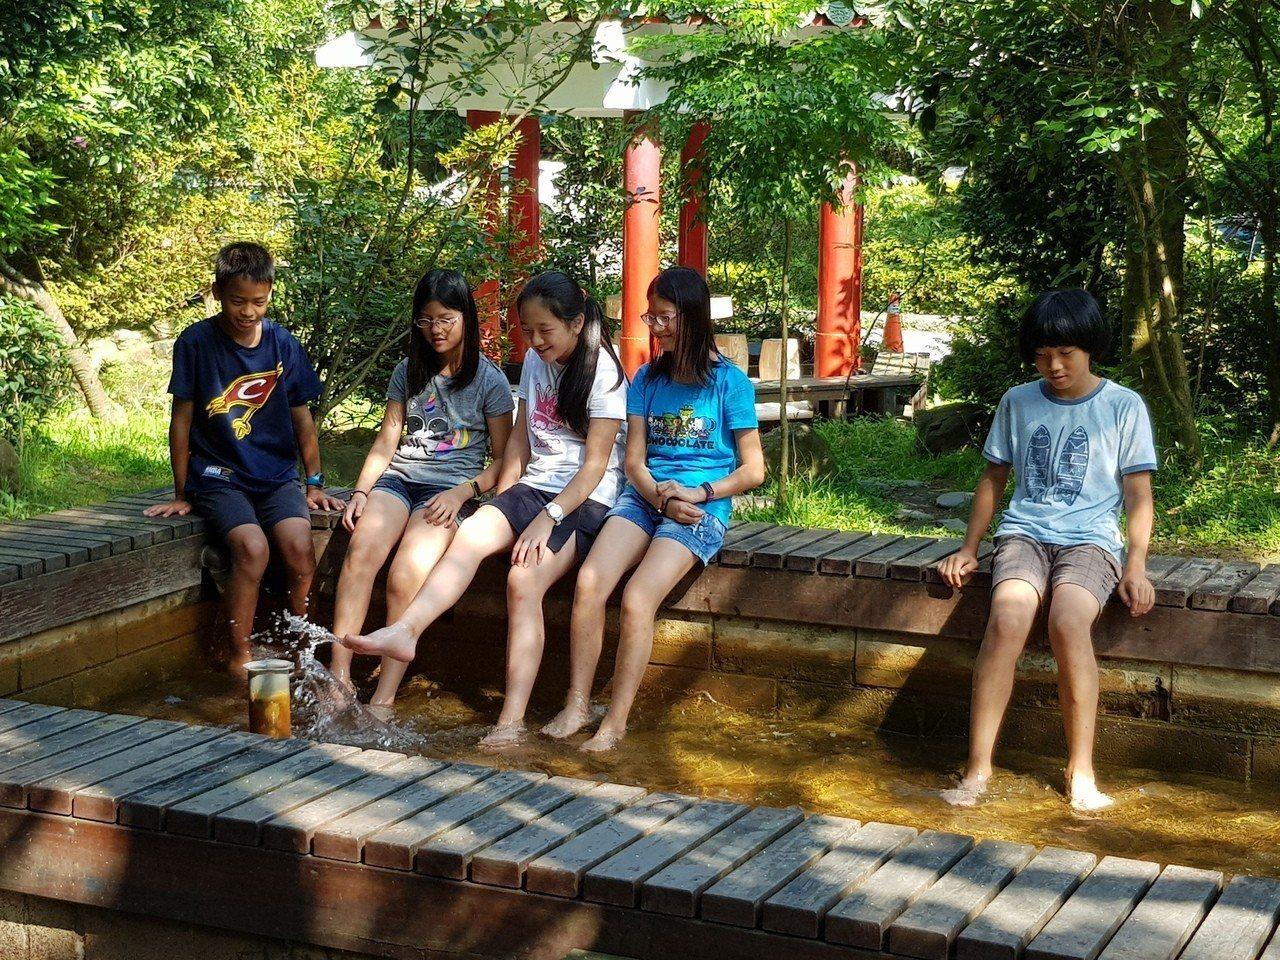 位於陽明山上的湖山國小是北市特色小學之一,校園內不僅沒塑膠罐頭式遊具,還有溫泉可...